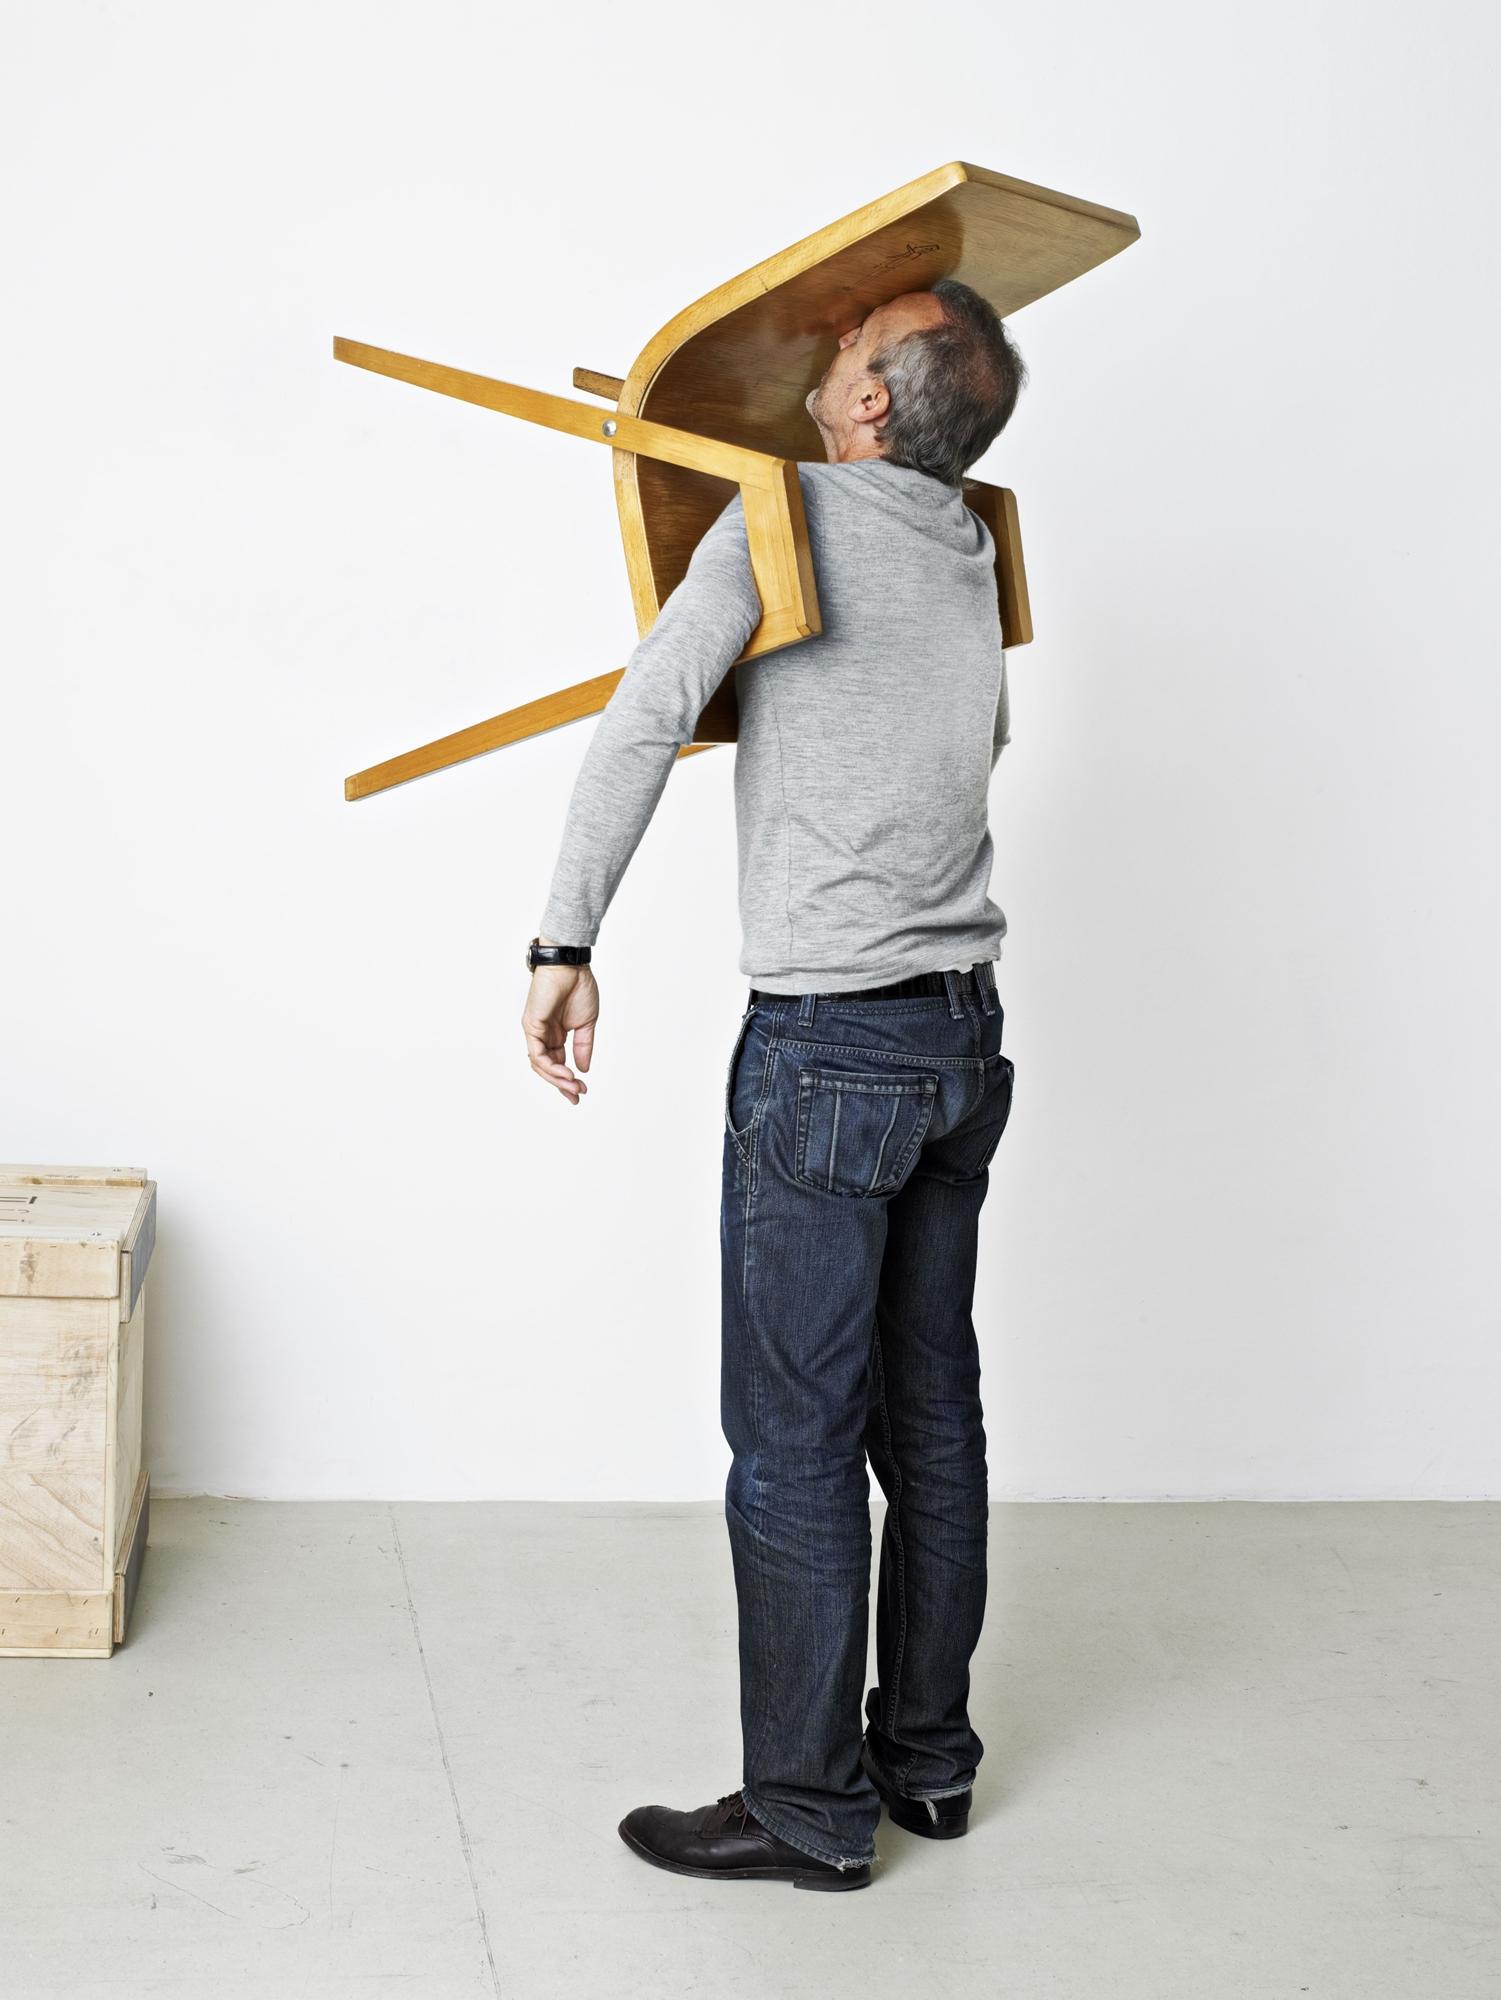 Erwin Wurm, The Idiot III (One Minute Sculpture), 2010, © Erwin Wurm, VG BILD-KUNST Bonn, 2016, courtesy: Galerie Thaddaeus Ropac, Salzburg, Paris, Foto: Studio Erwin Wurm